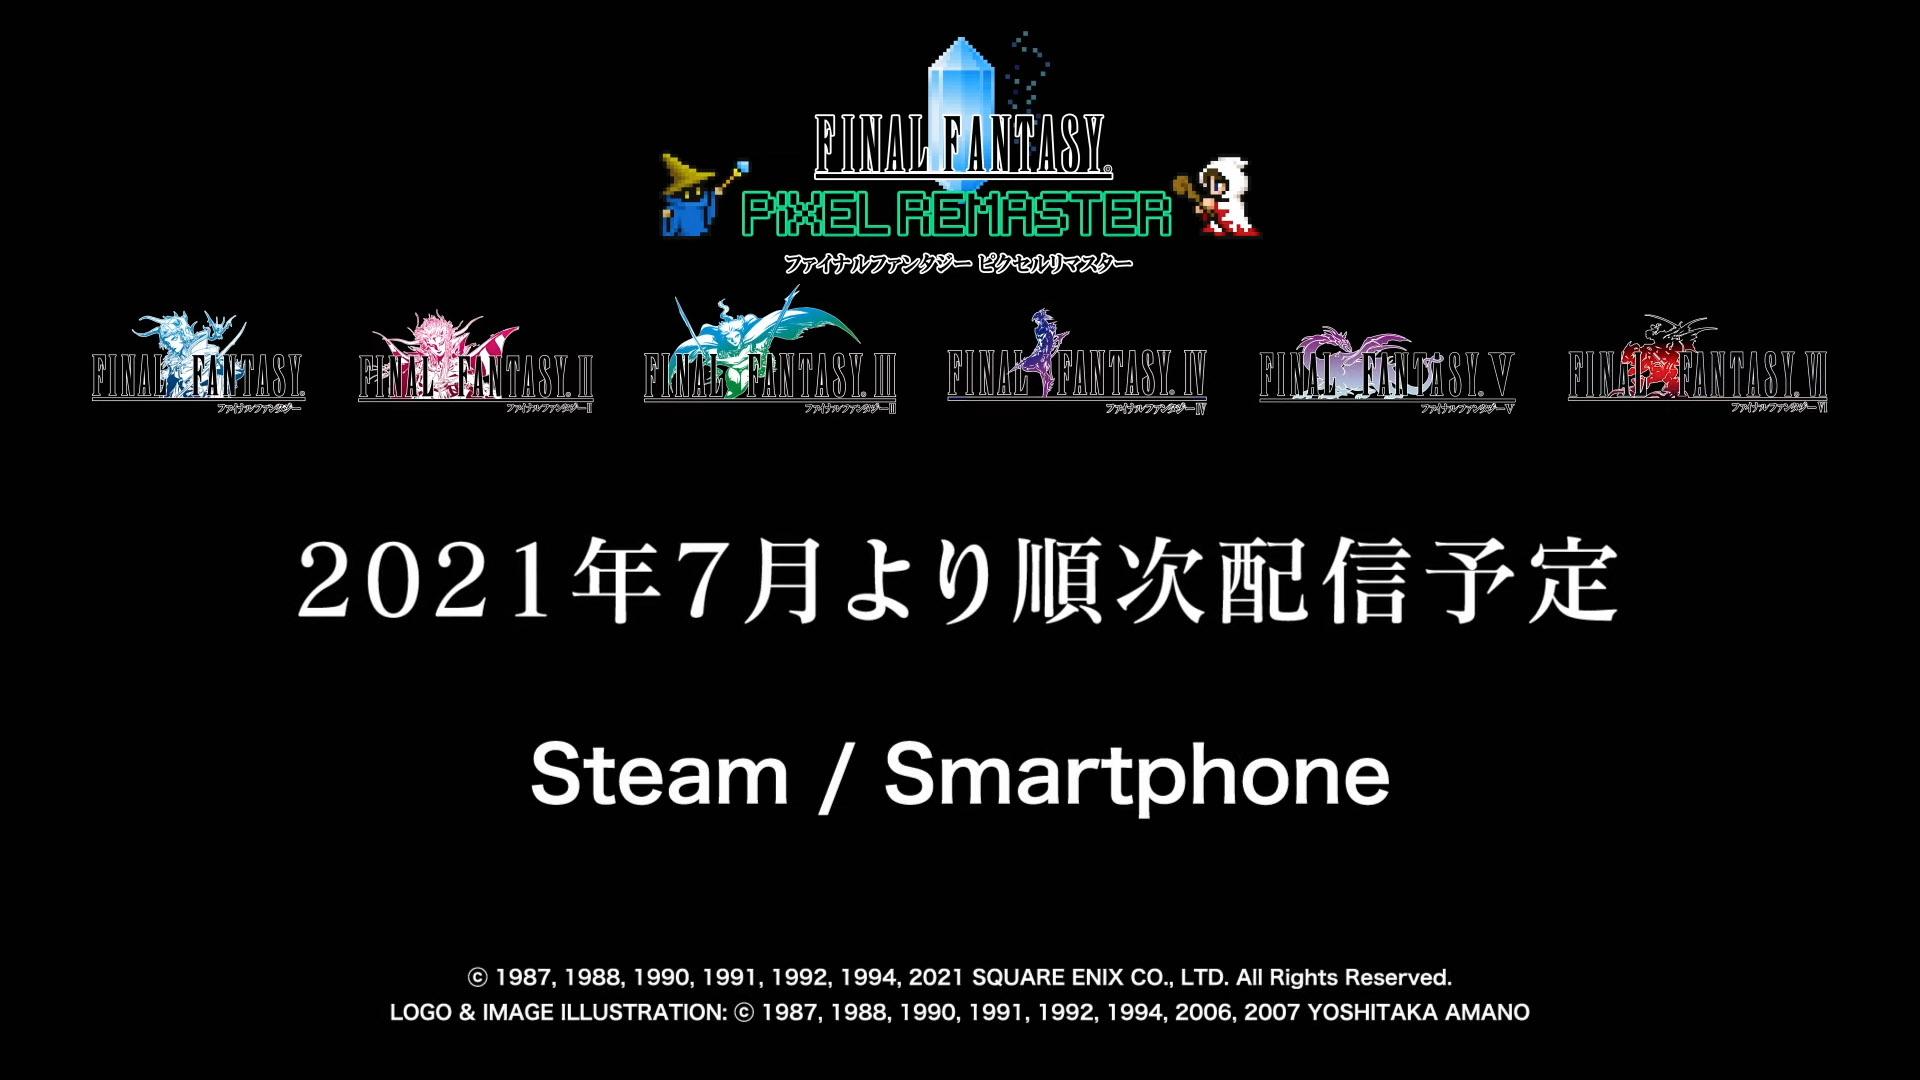 《最终幻想》像素重制版系列将于7月开始发售